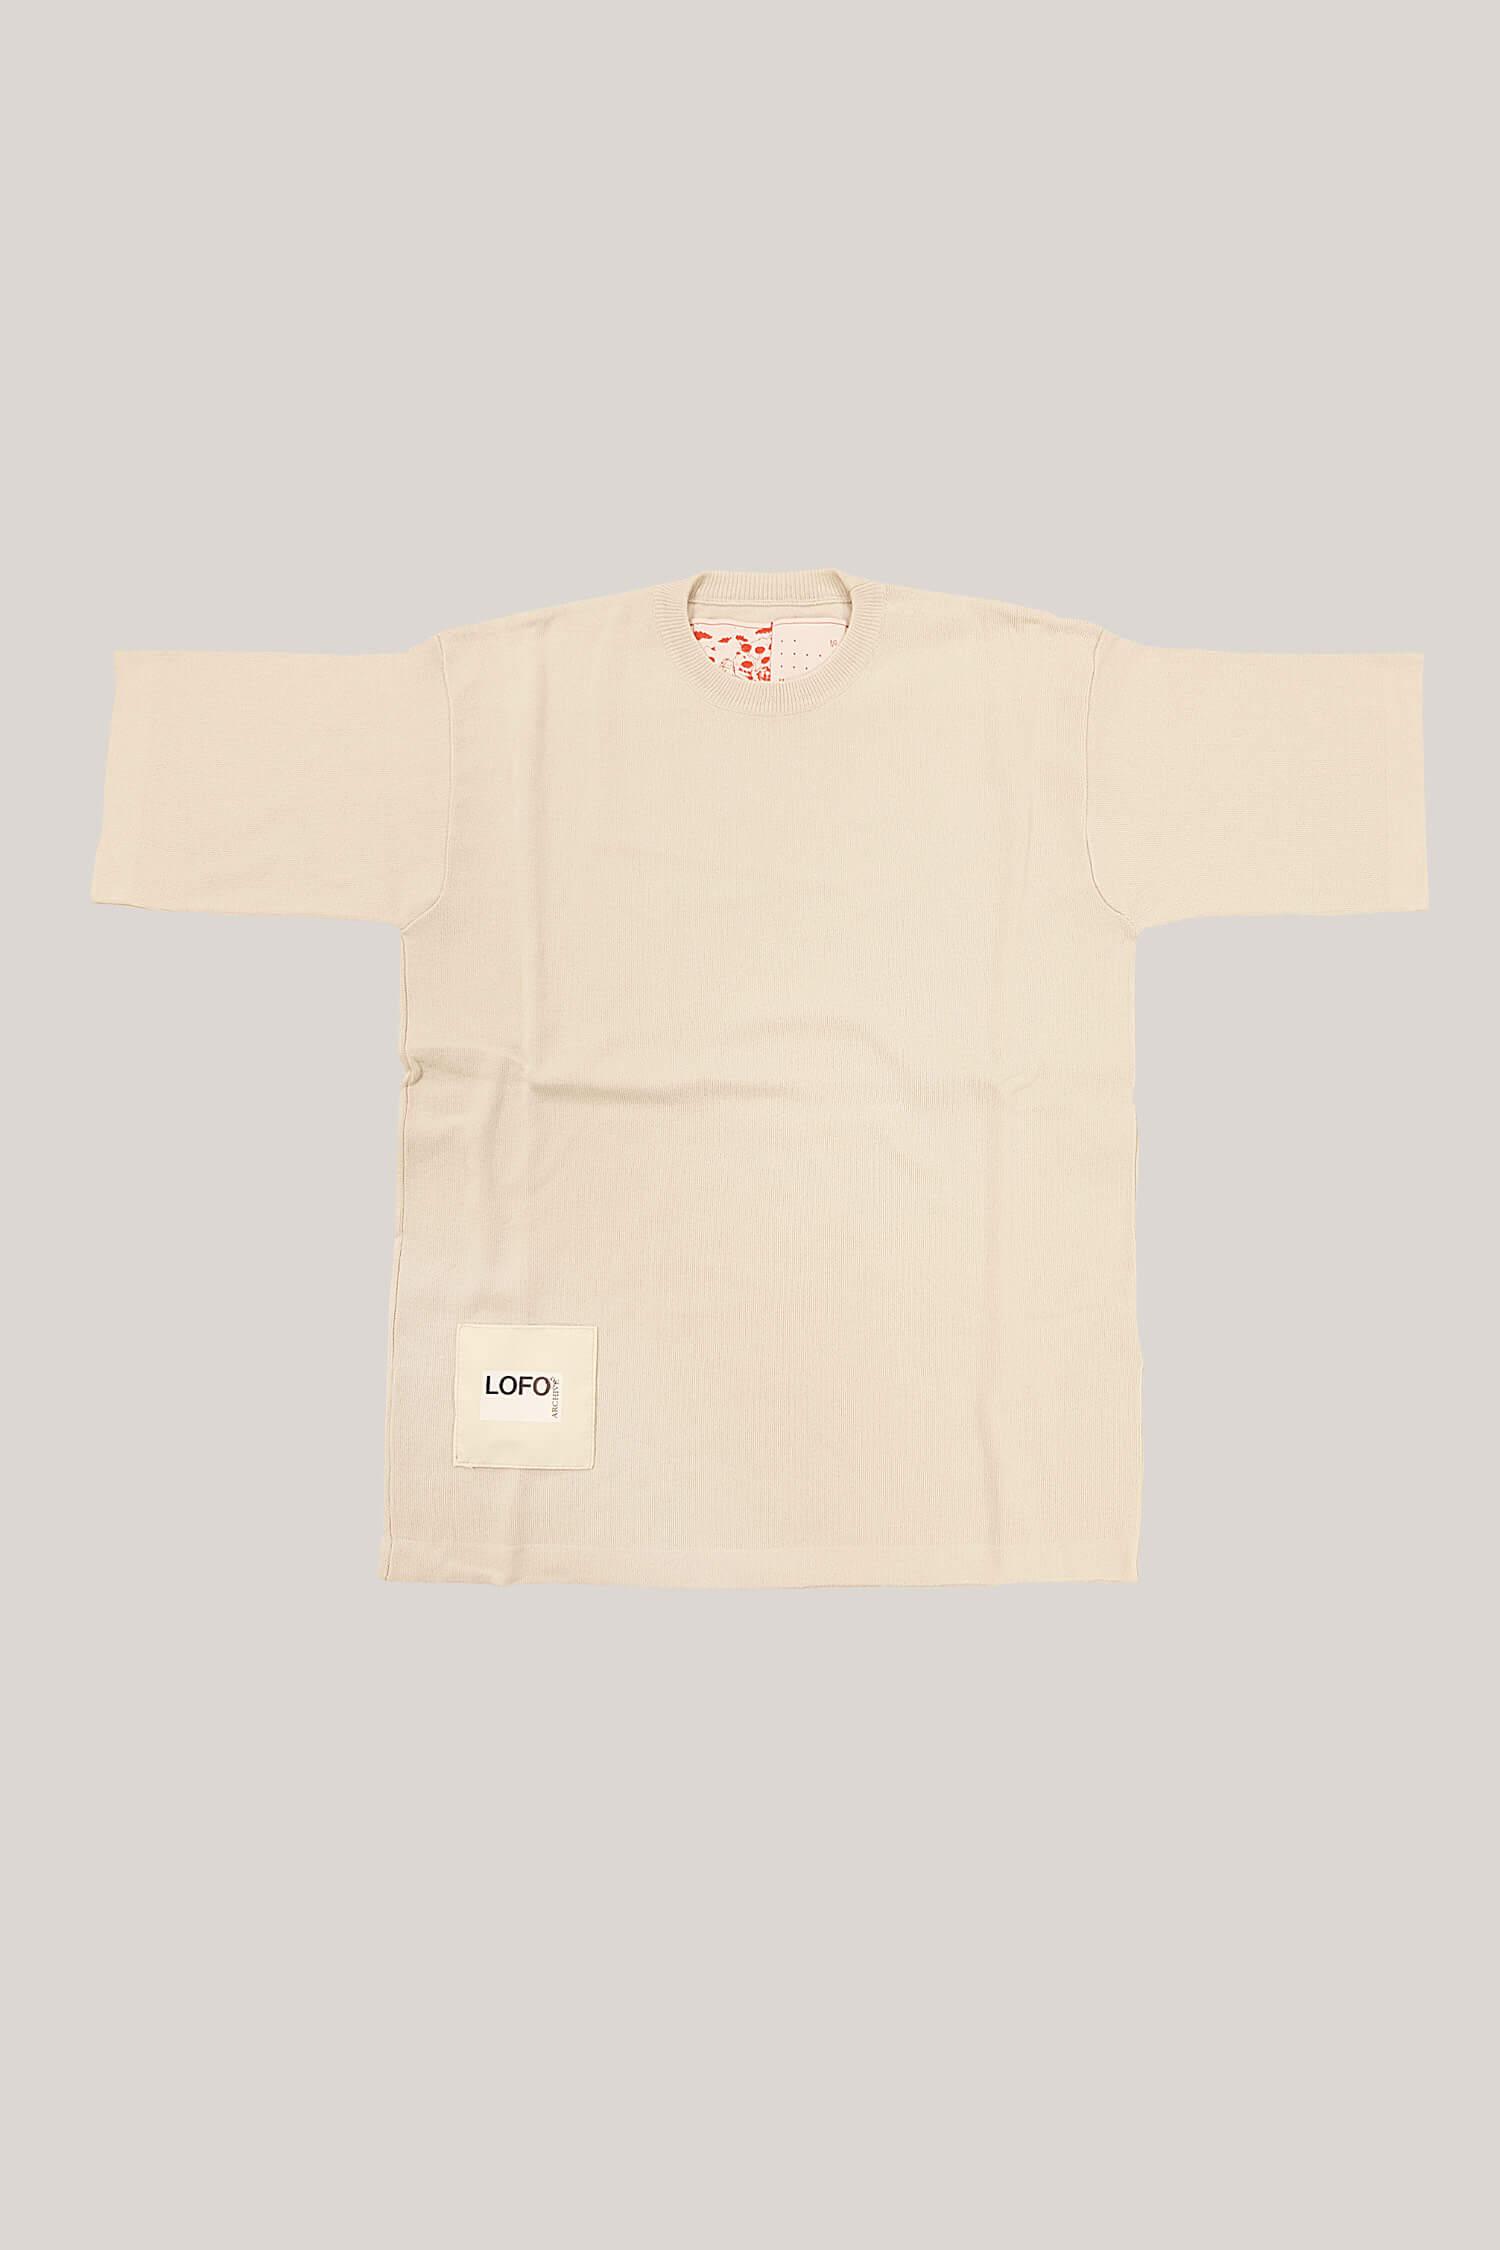 36-Knitted-tshirt-grey-1